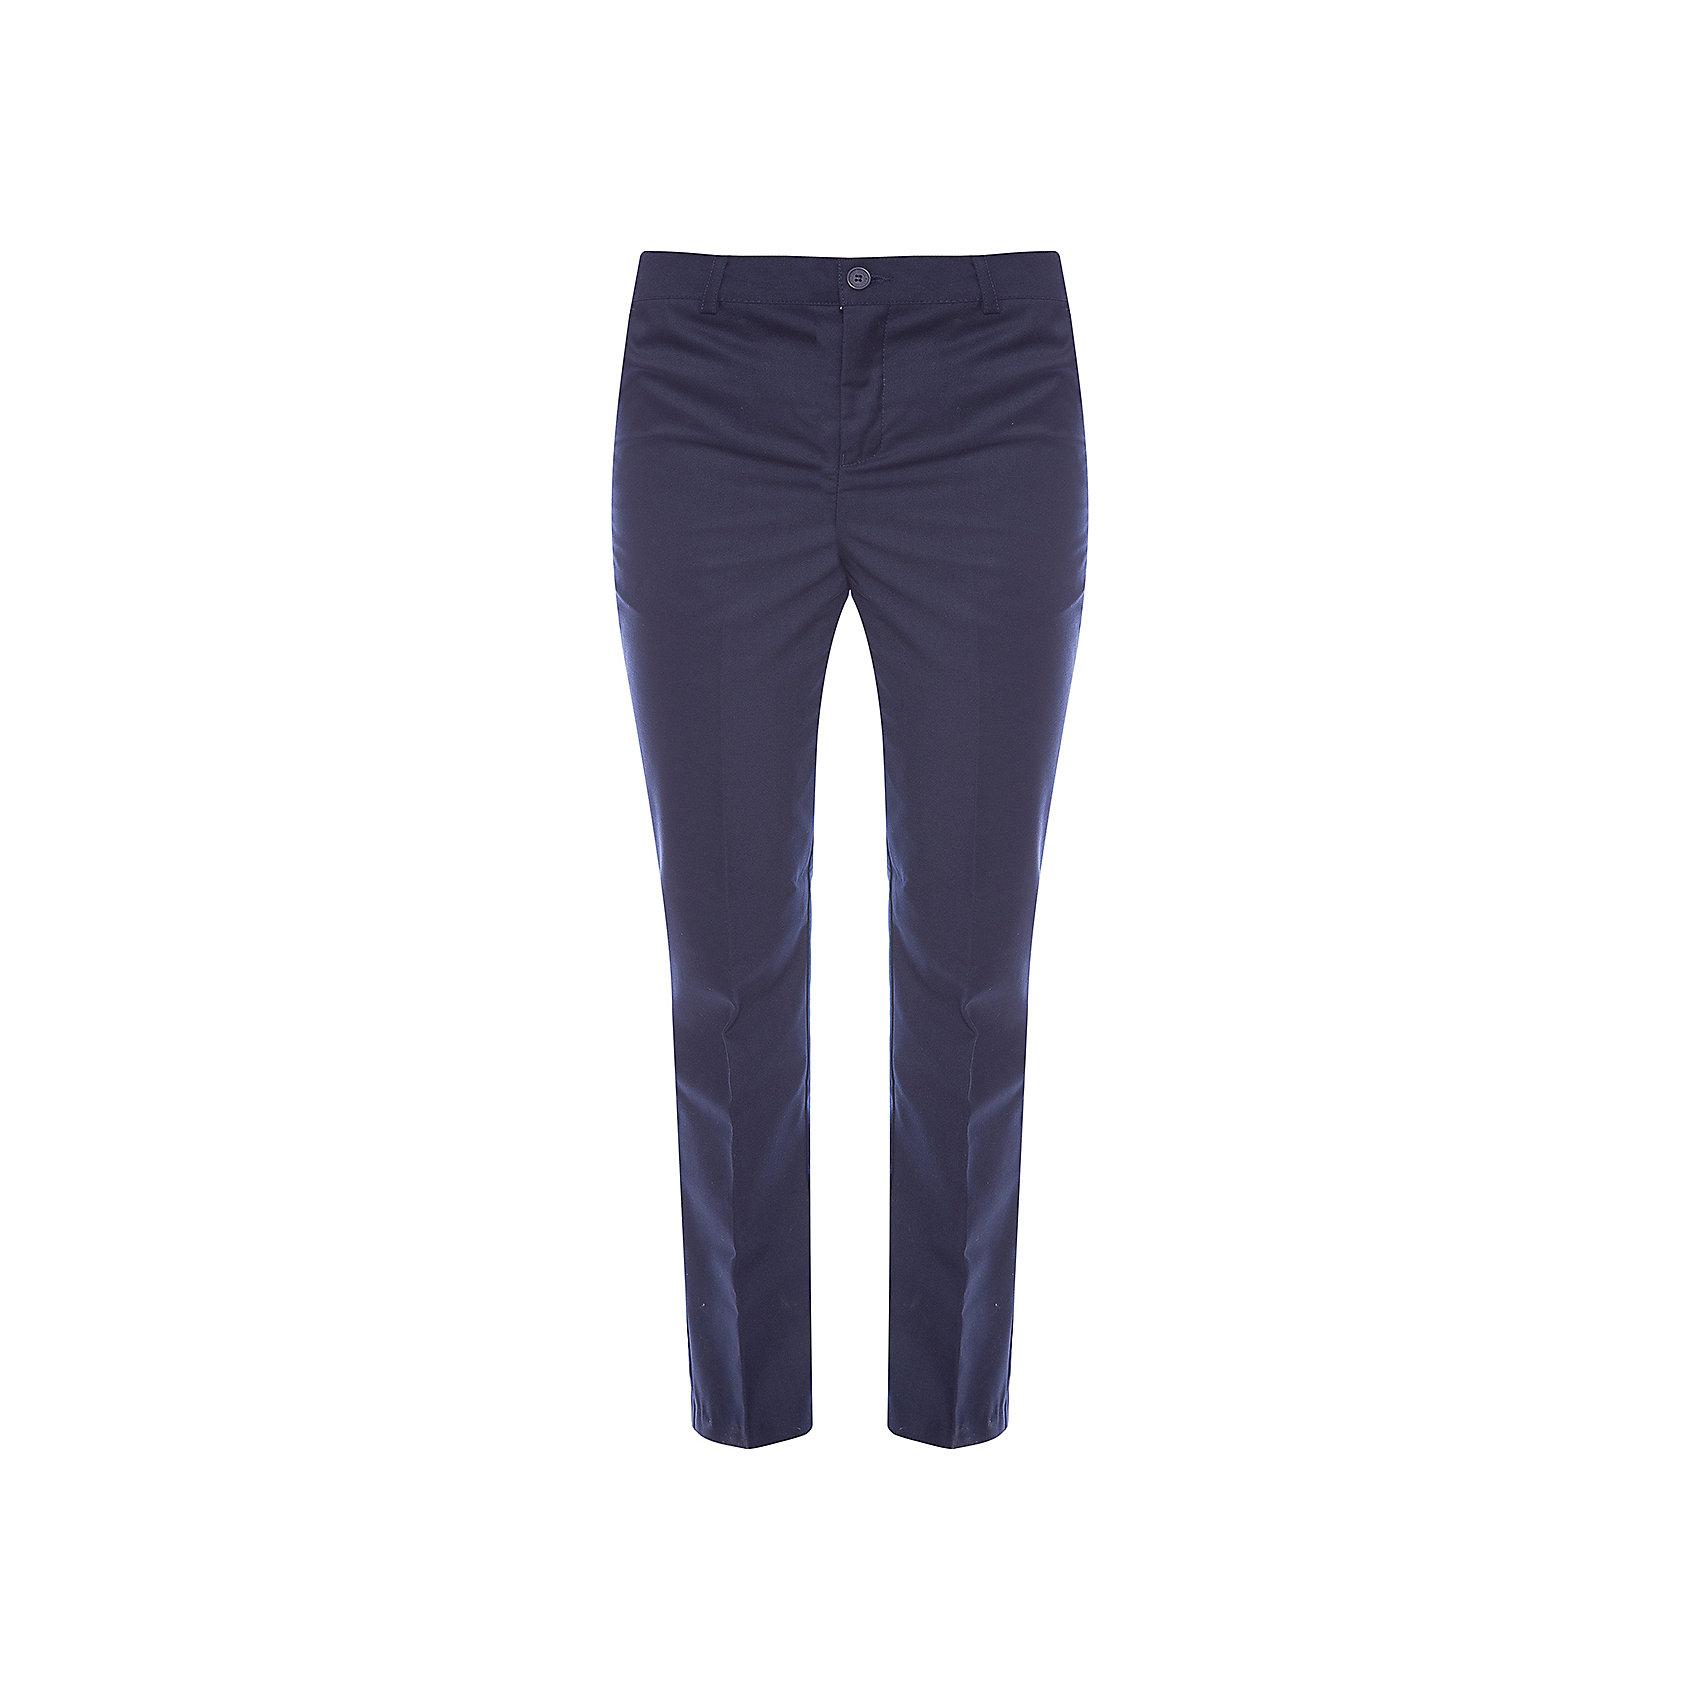 S'cool Брюки для мальчика S'cool брюки fox фокс цвет темный синий с карманами сзади для мальчика с 12 до 18 мес